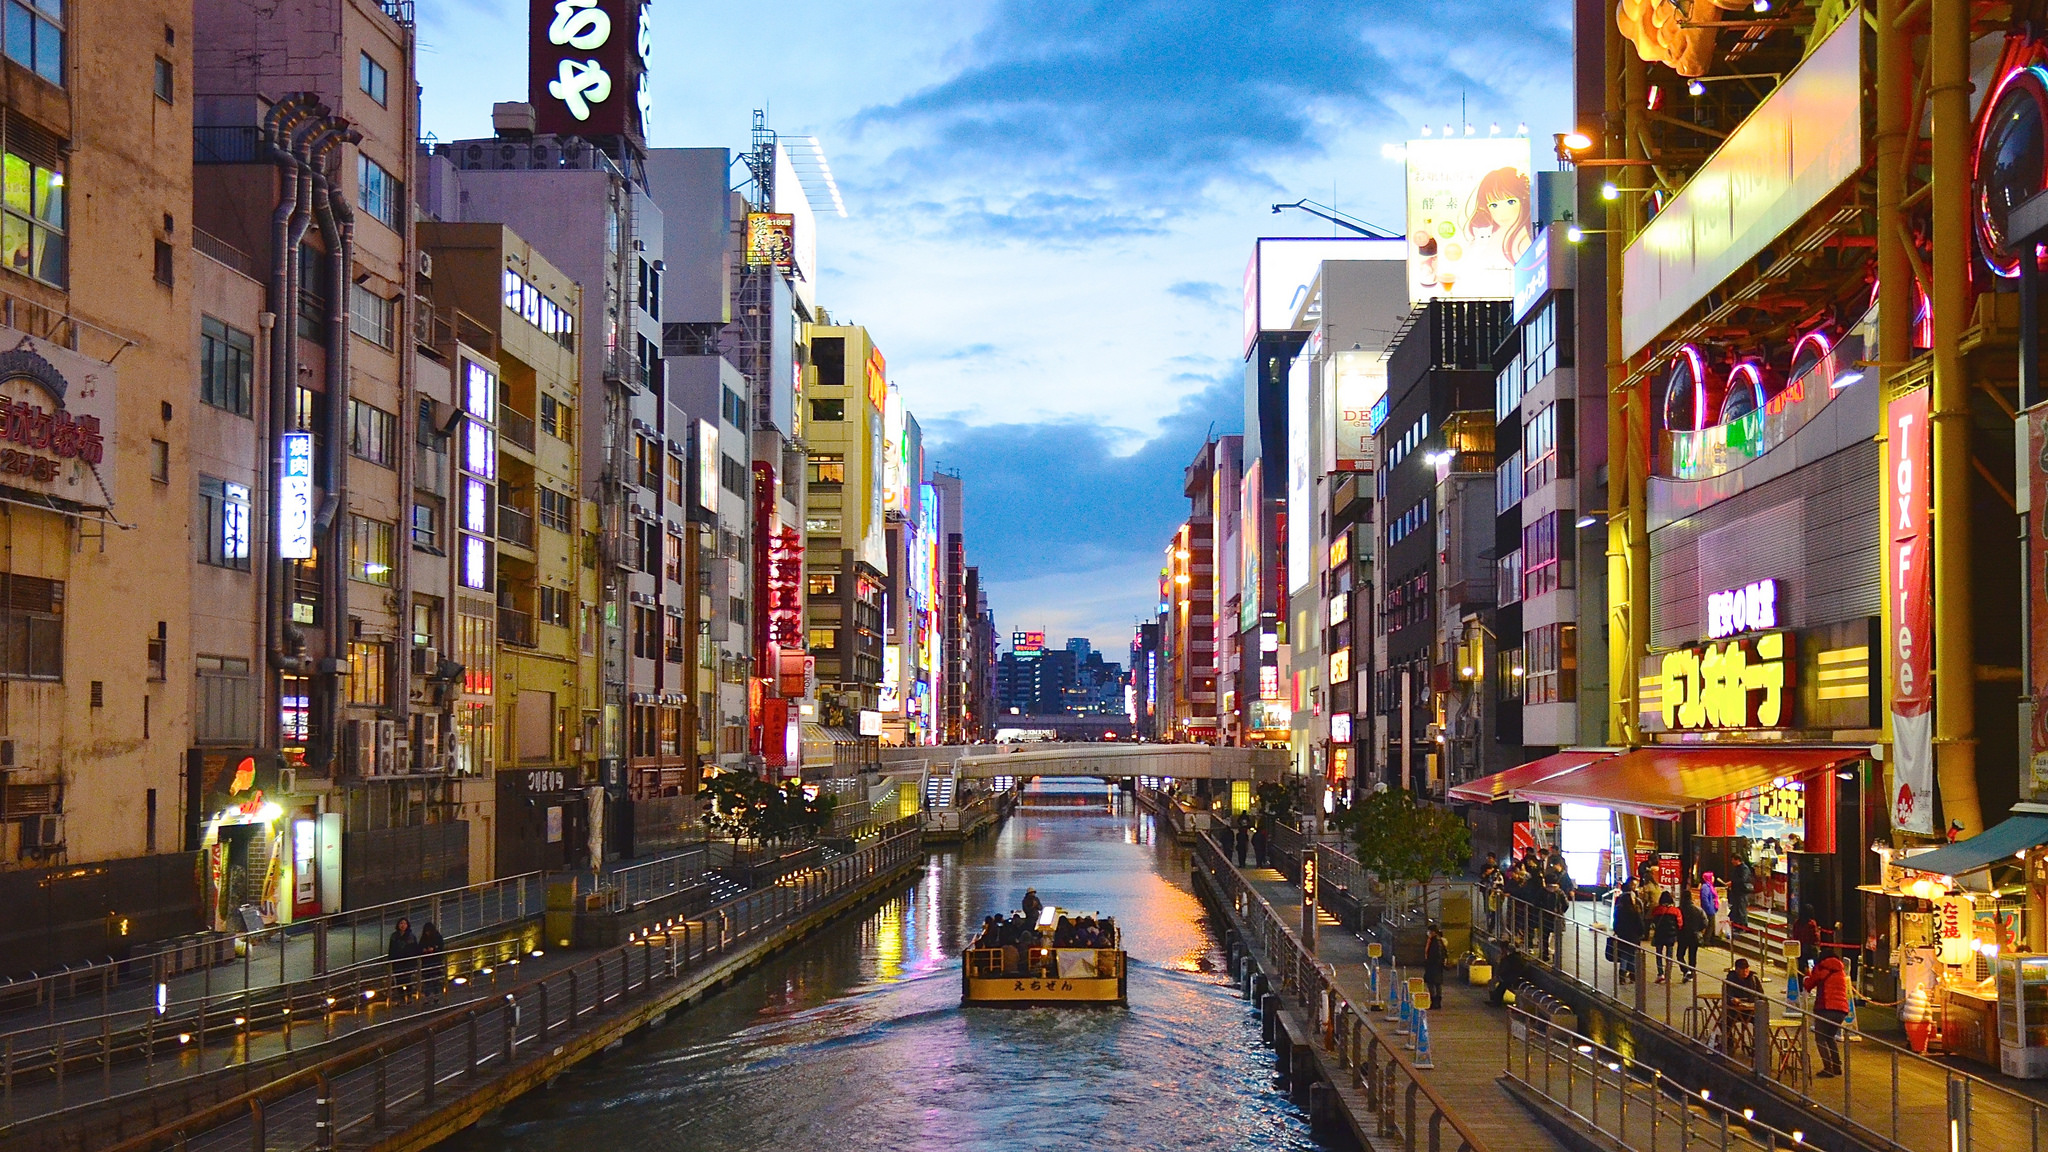 Namba Osaka